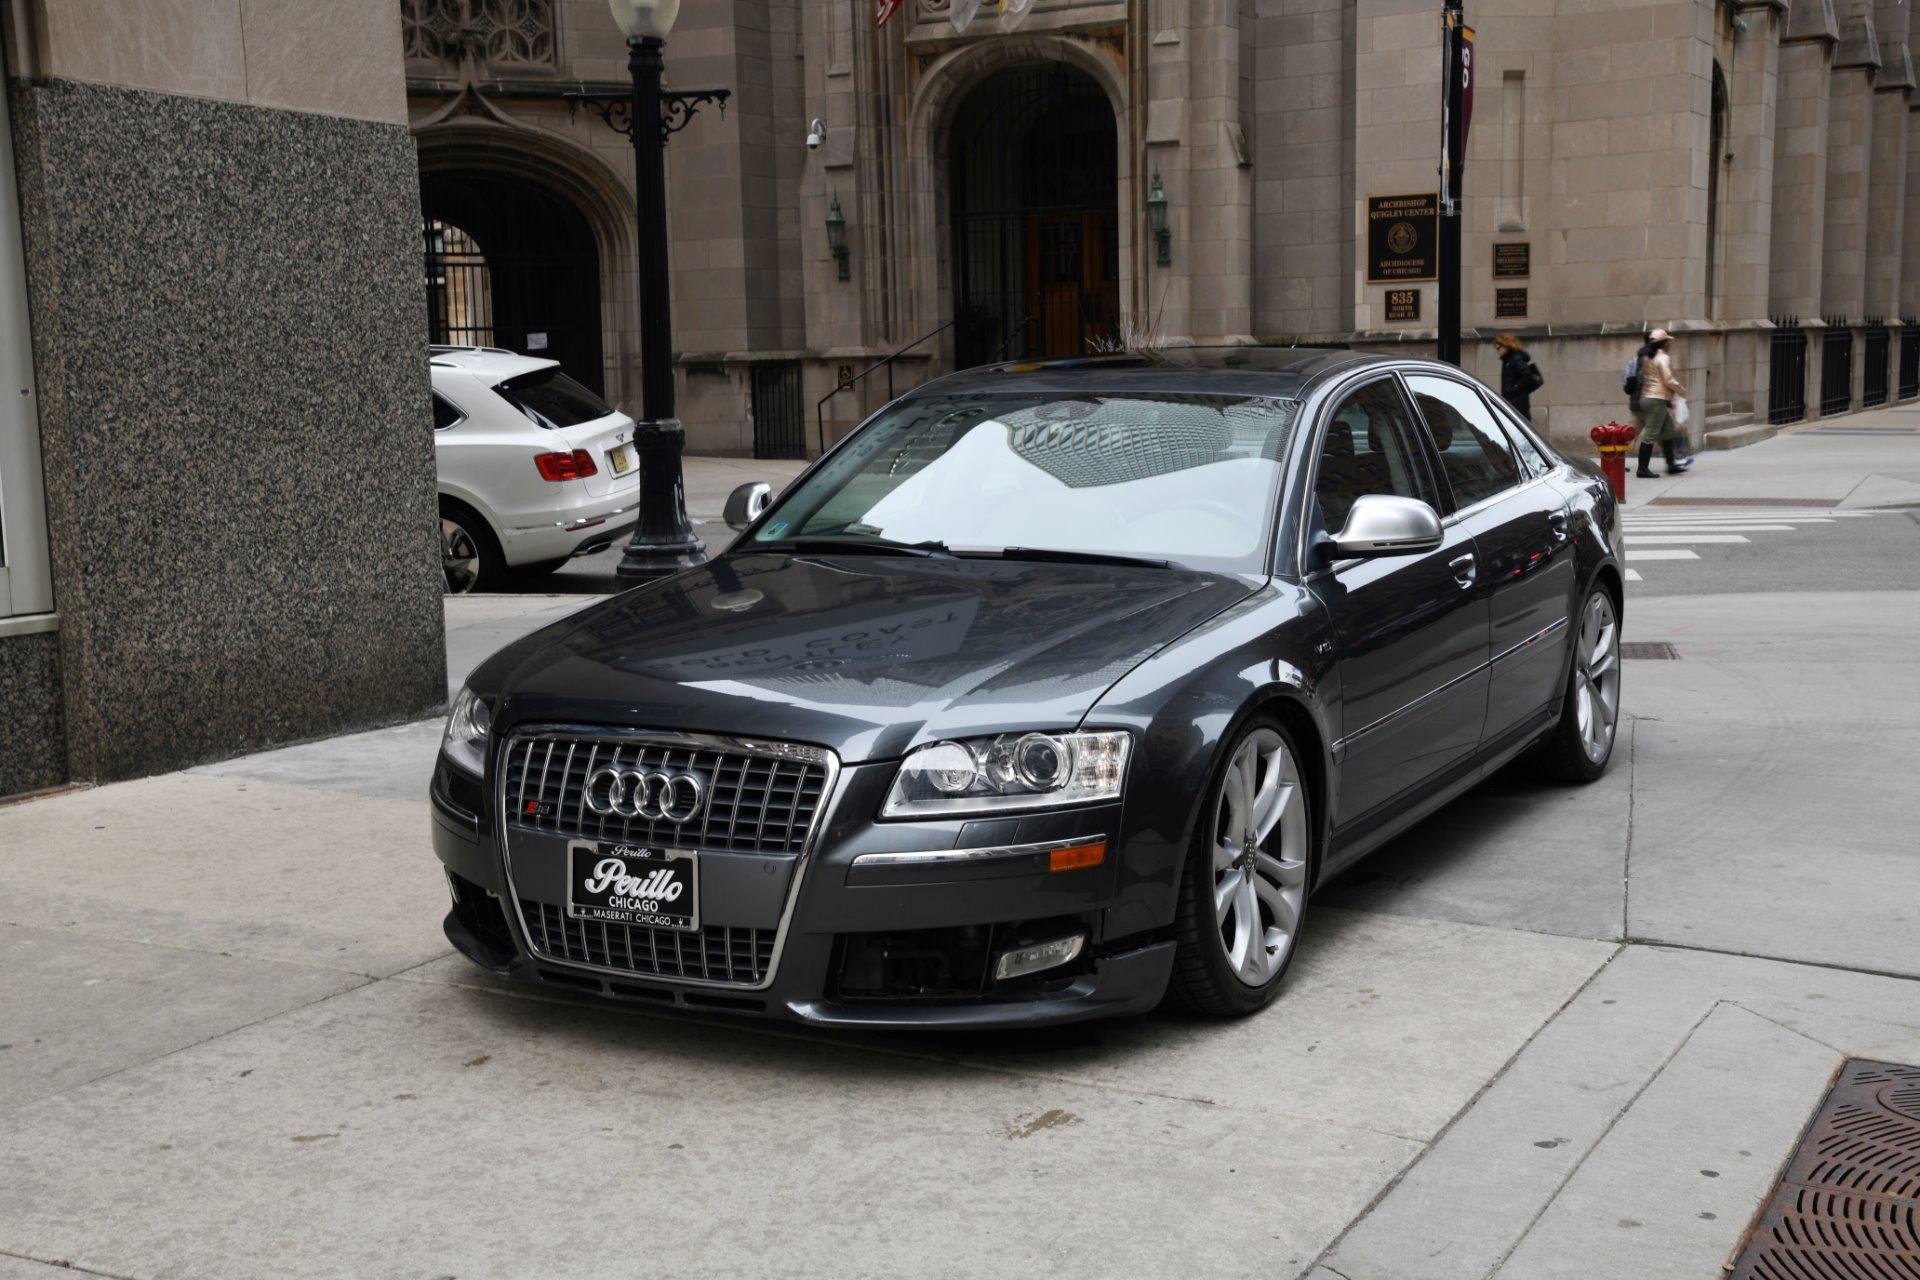 Kelebihan Kekurangan Audi S8 2008 Top Model Tahun Ini